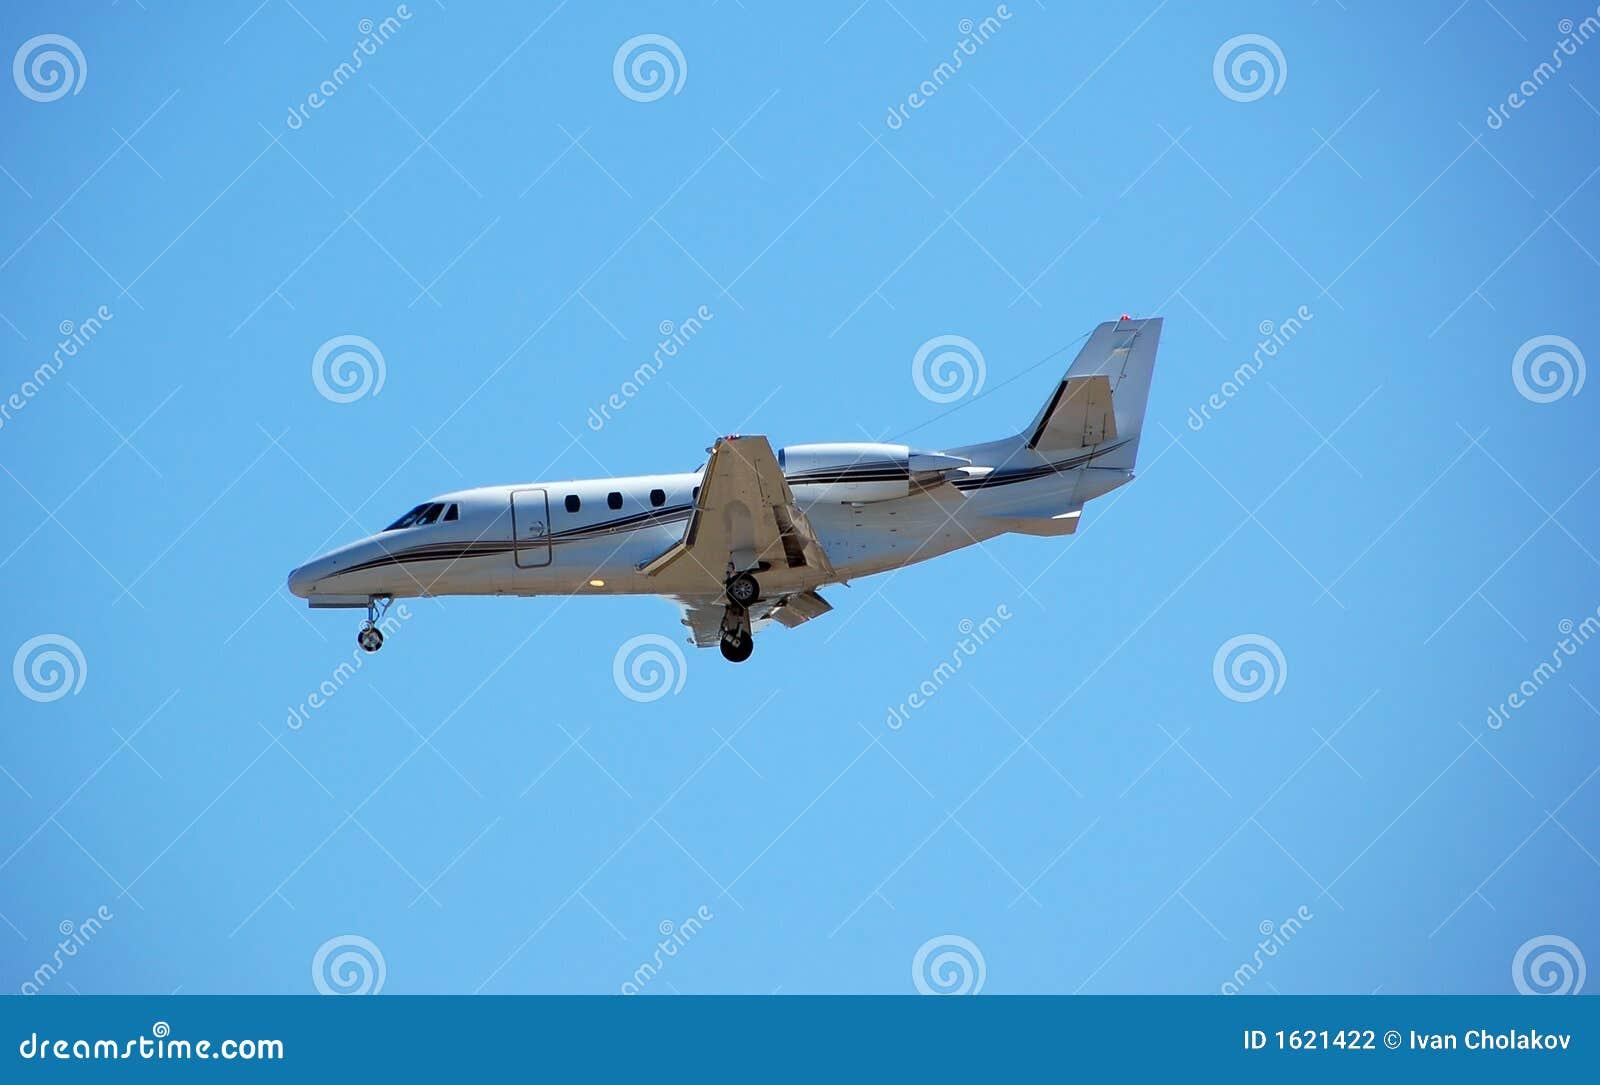 Jet Privato Lussuoso : Aeroporto d avvicinamento del jet privato lussuoso fotografia